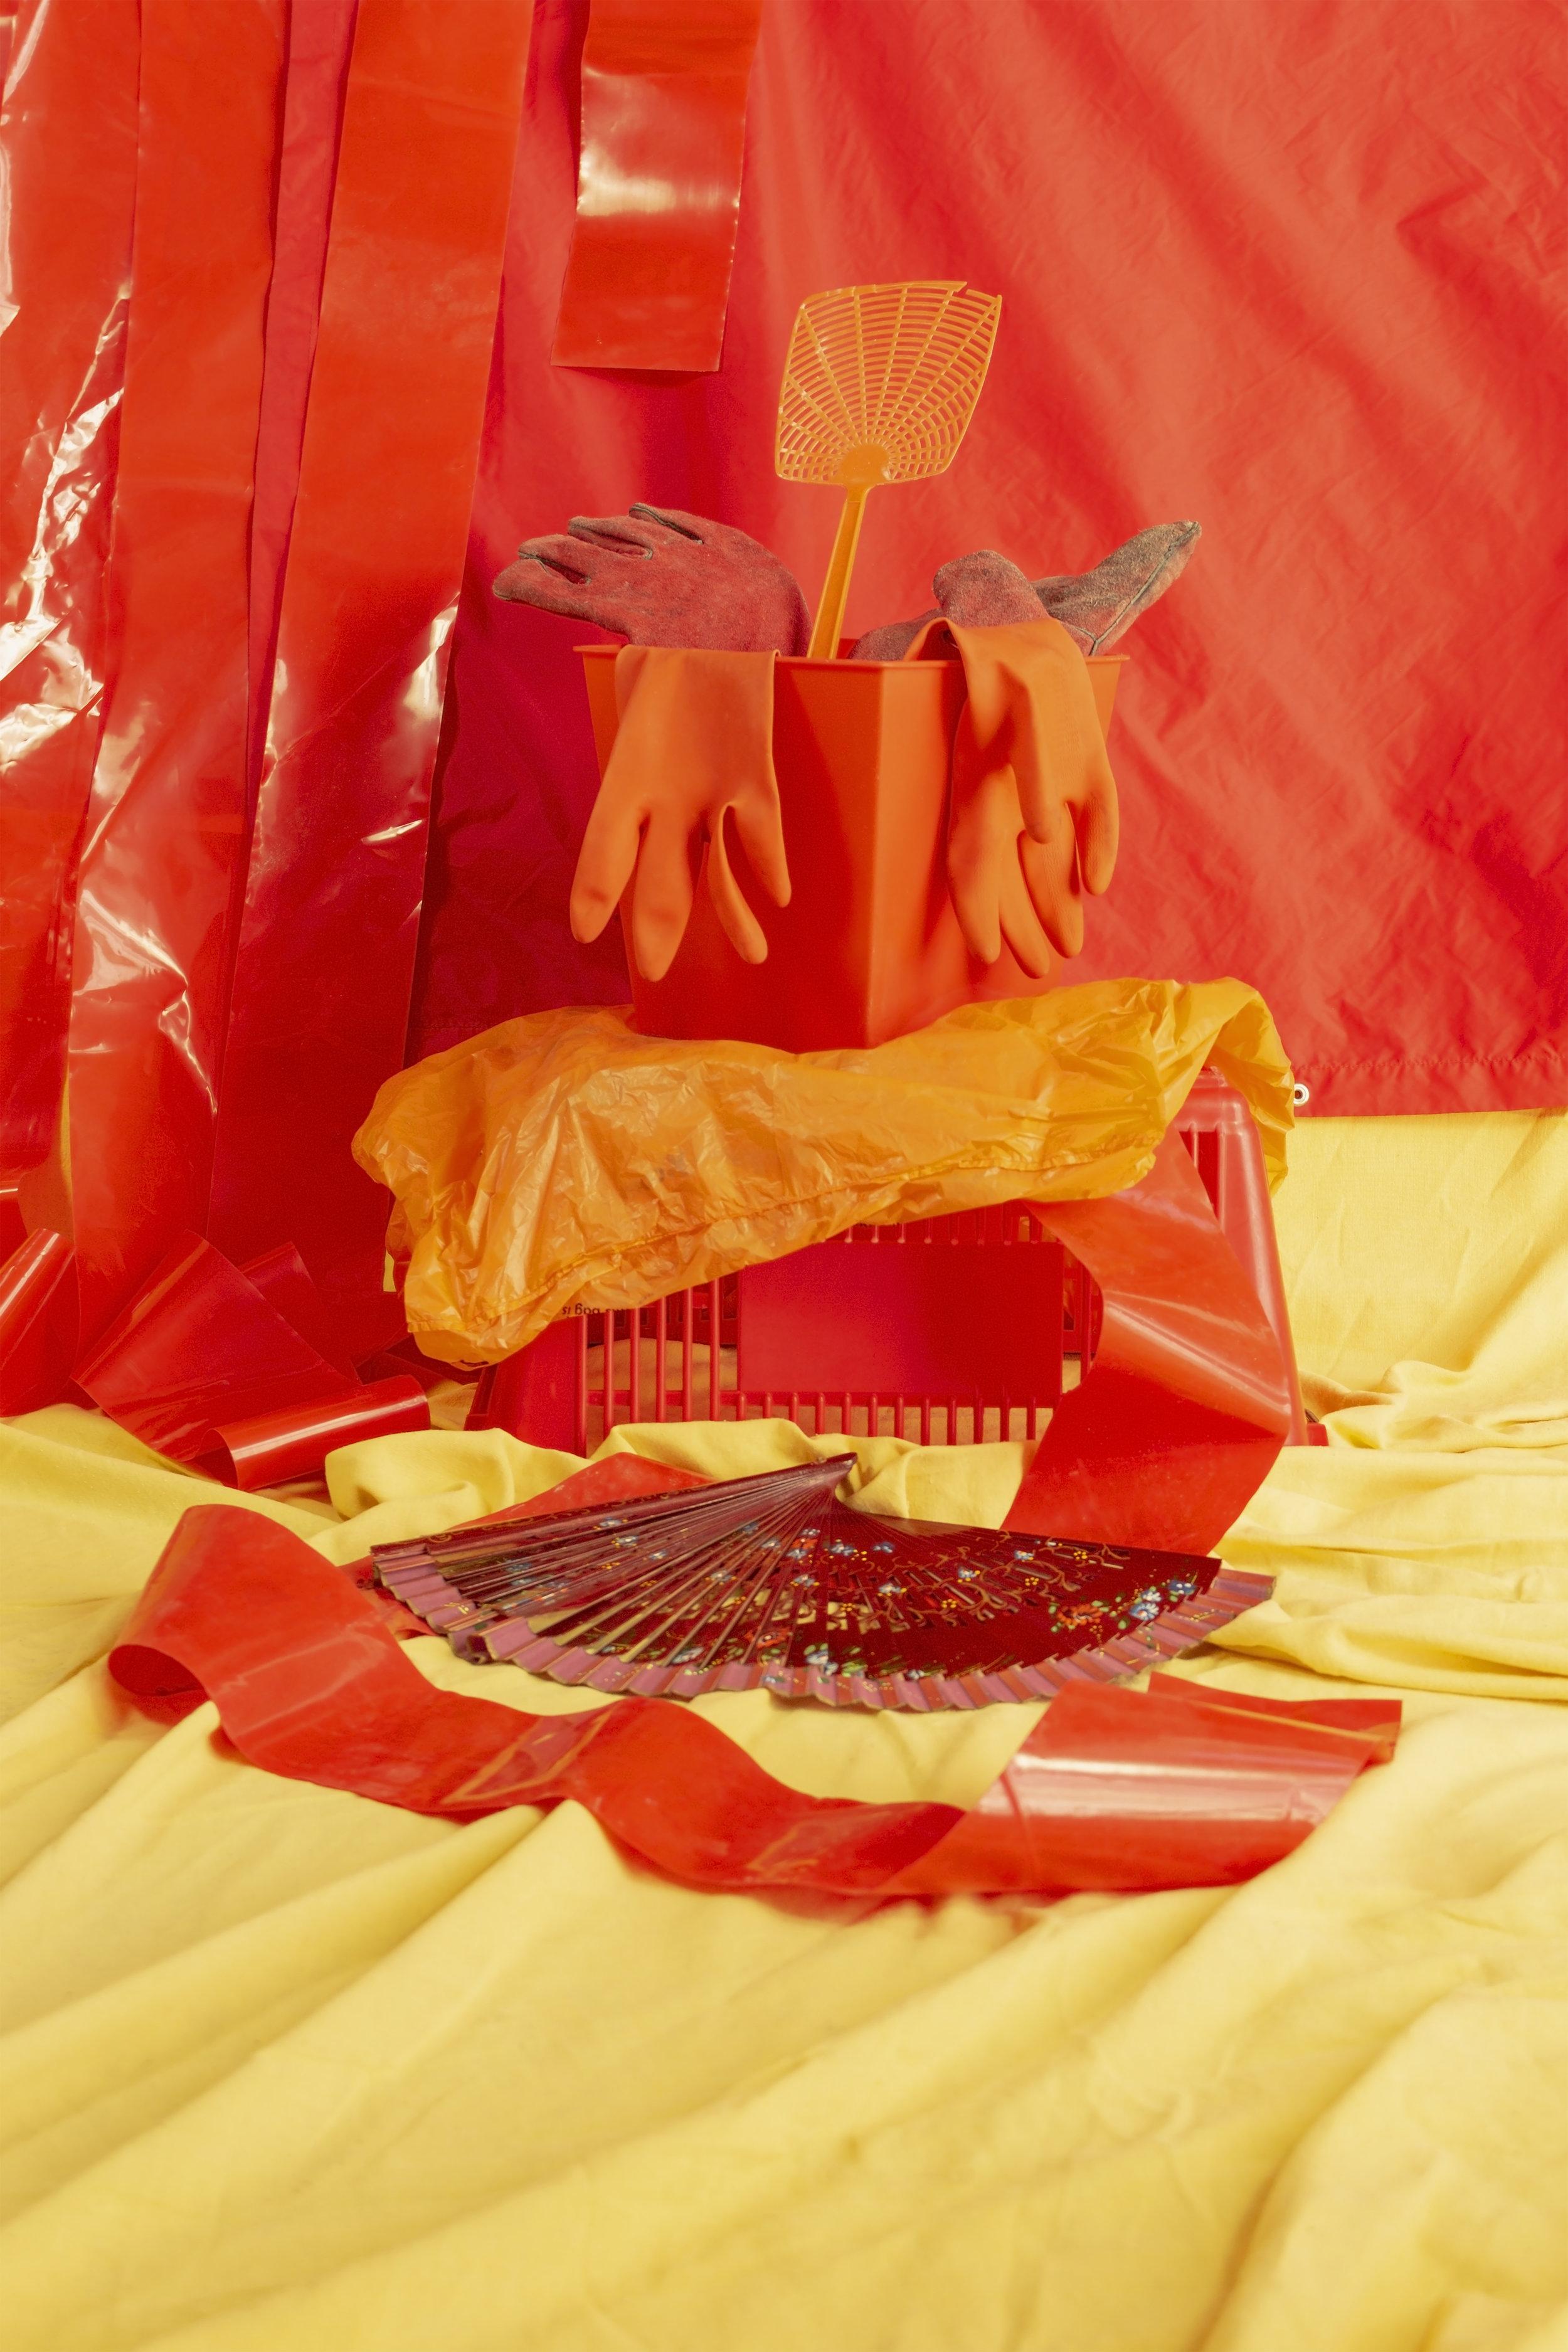 Gloves, Plastic Bag, Fan, Grocery Cart copy.jpg